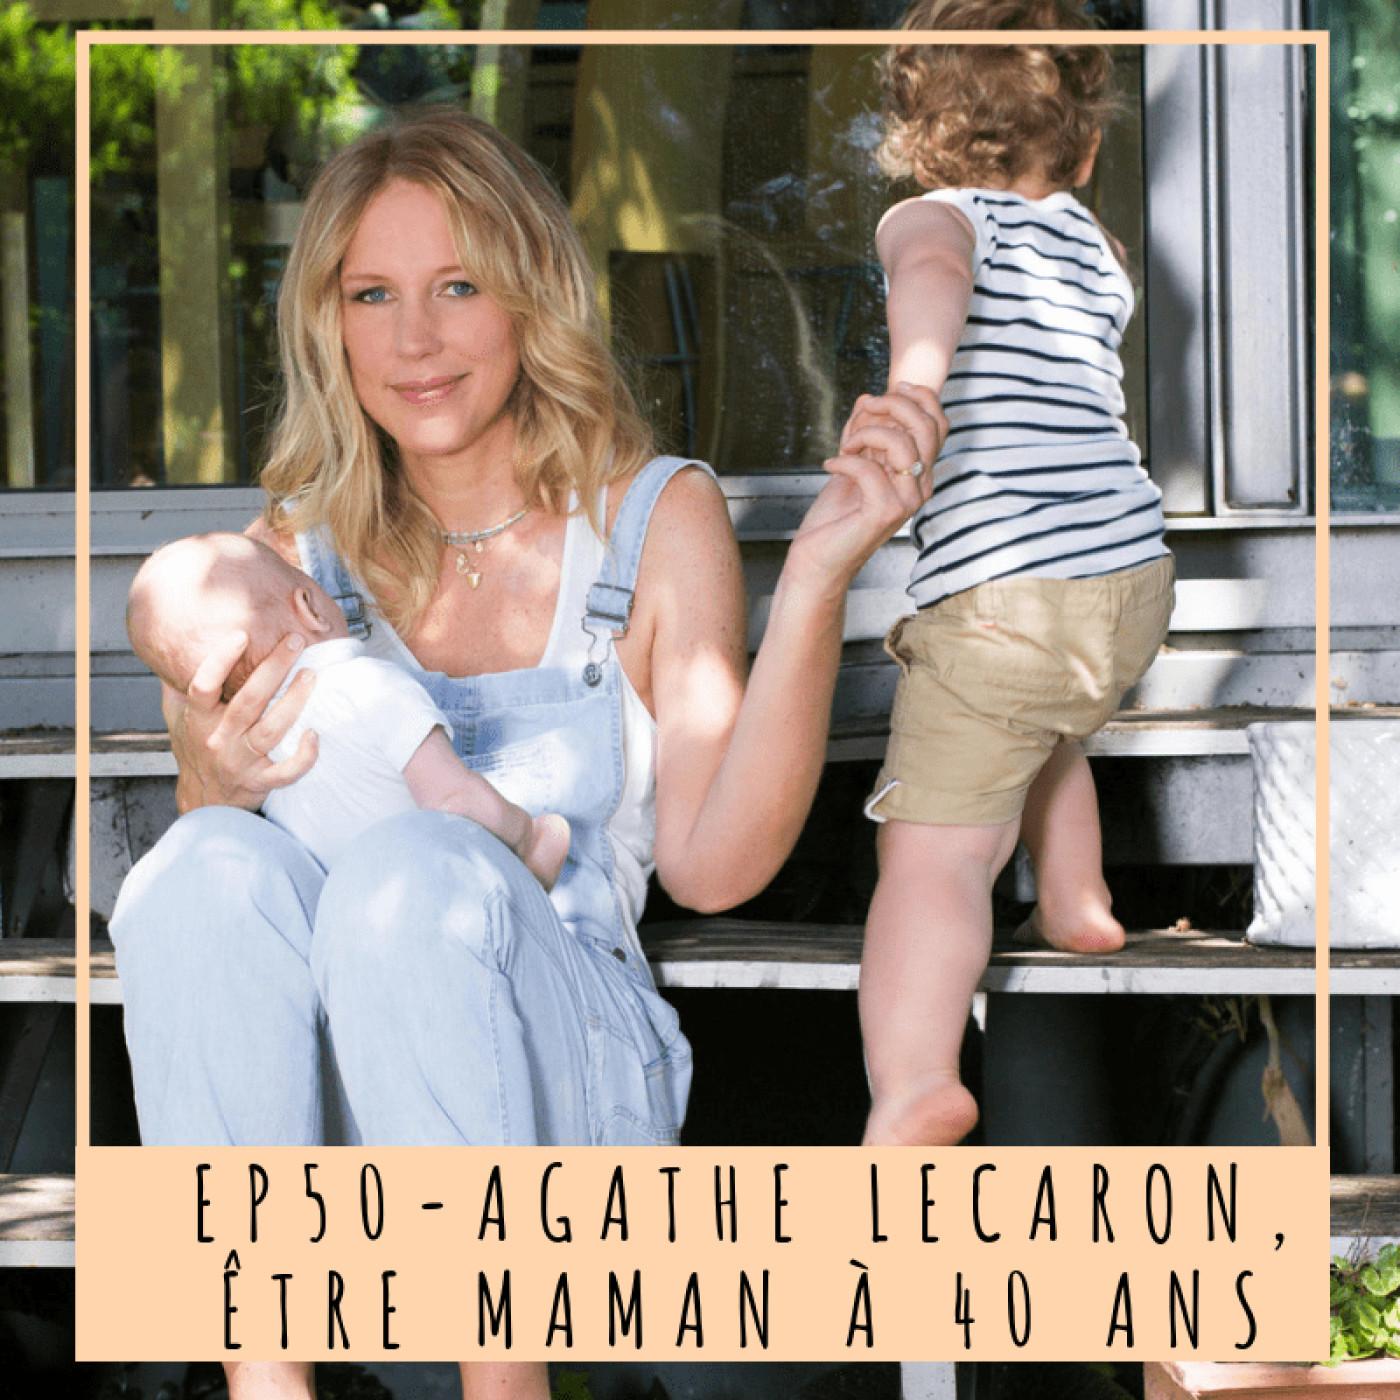 EP50- AGATHE LECARON: ÊTRE MAMAN À 40 ANS